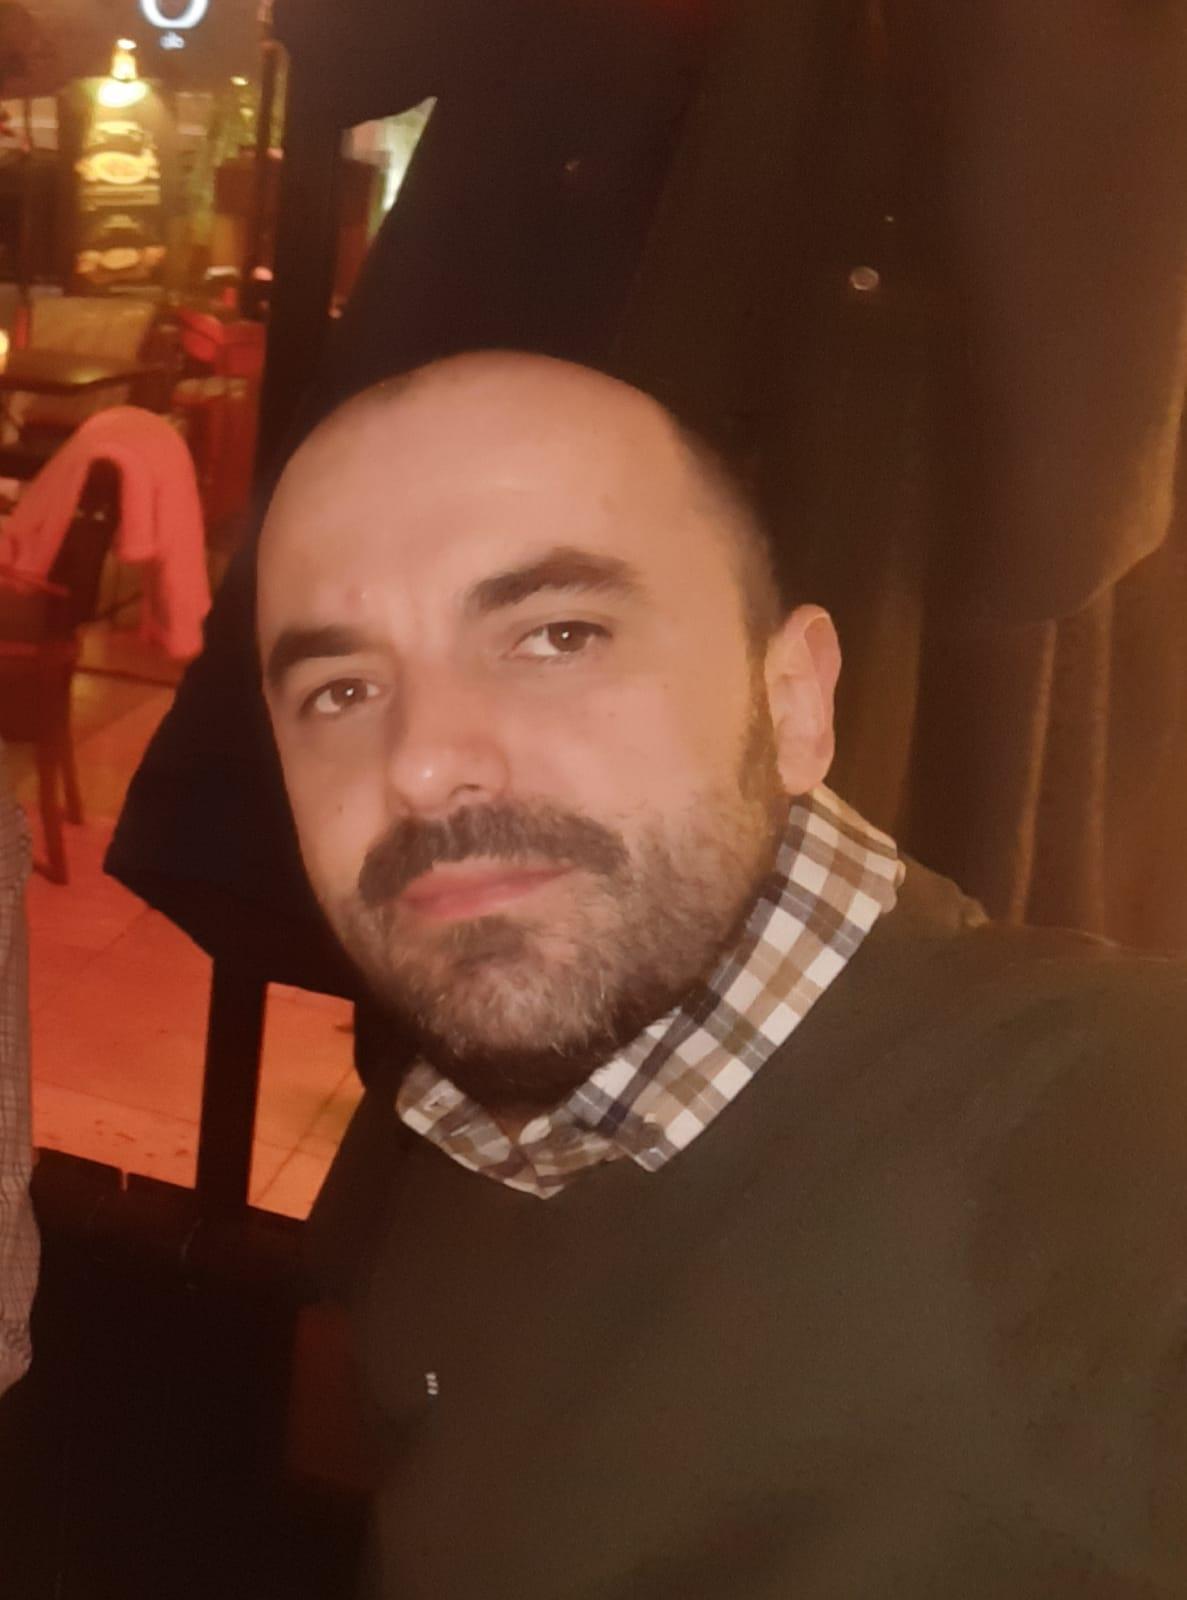 Almir Kajević